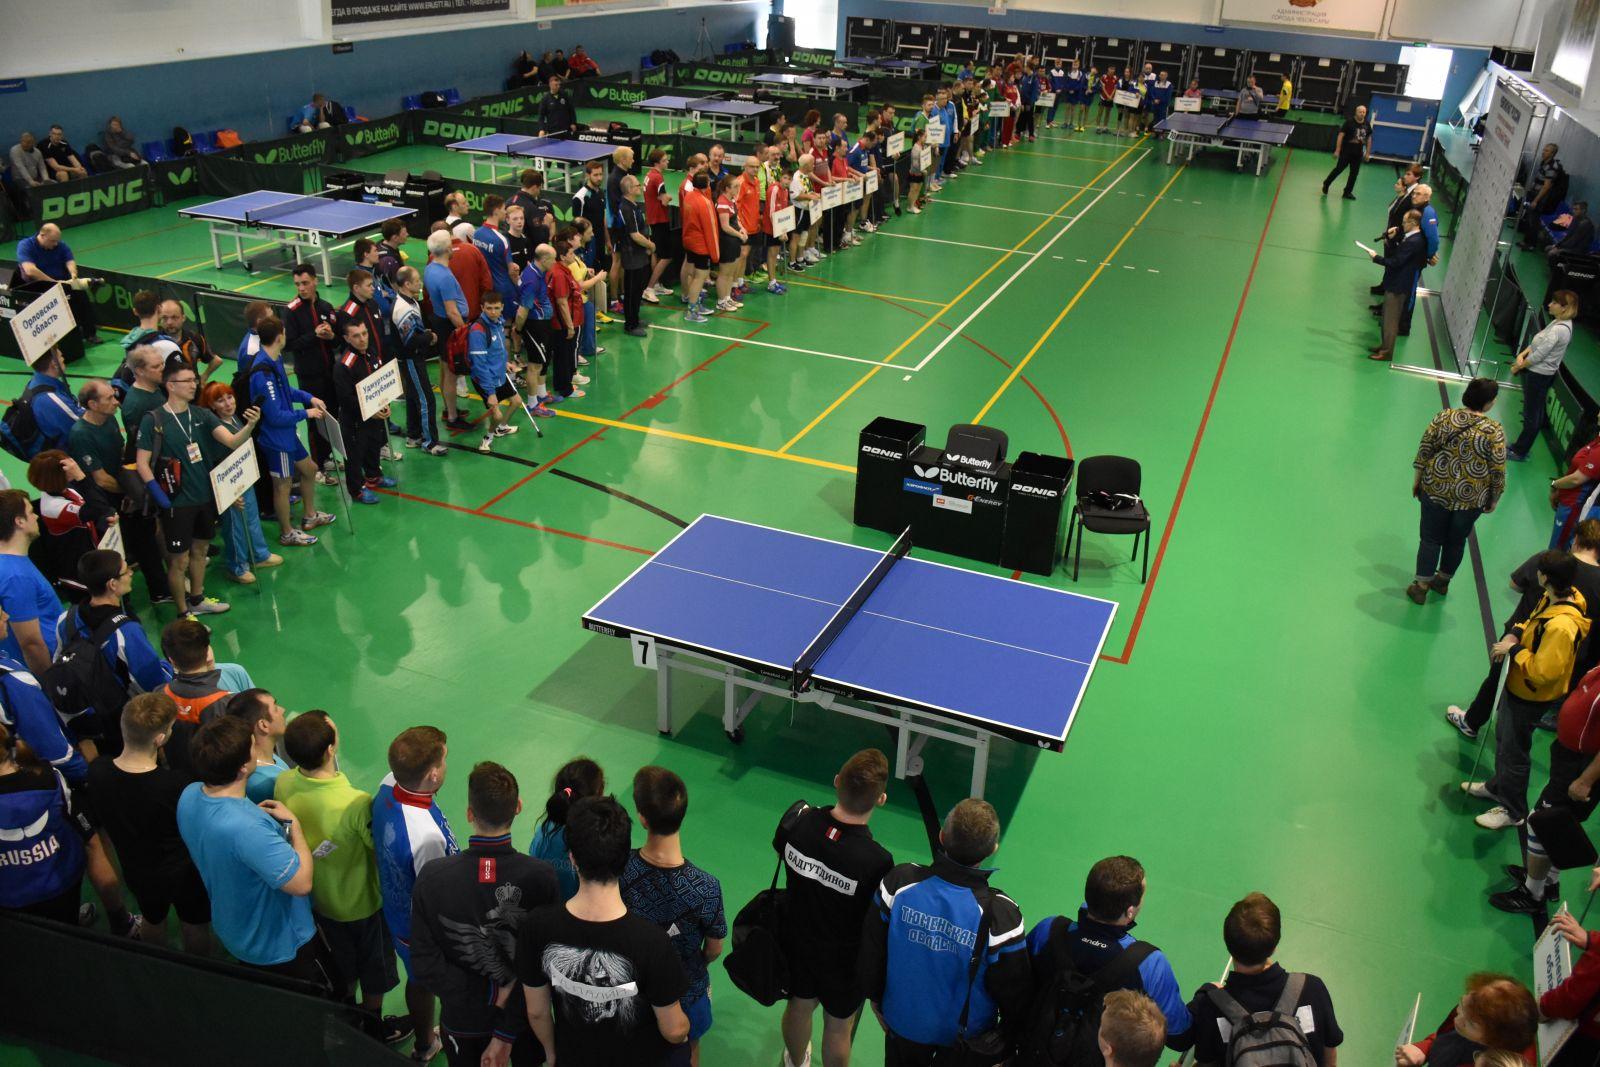 В столице Чувашии состоялась церемония открытия чемпионата России по настольному теннису среди спортсменов с ПОДА, выступающих стоя (6-10 класс)